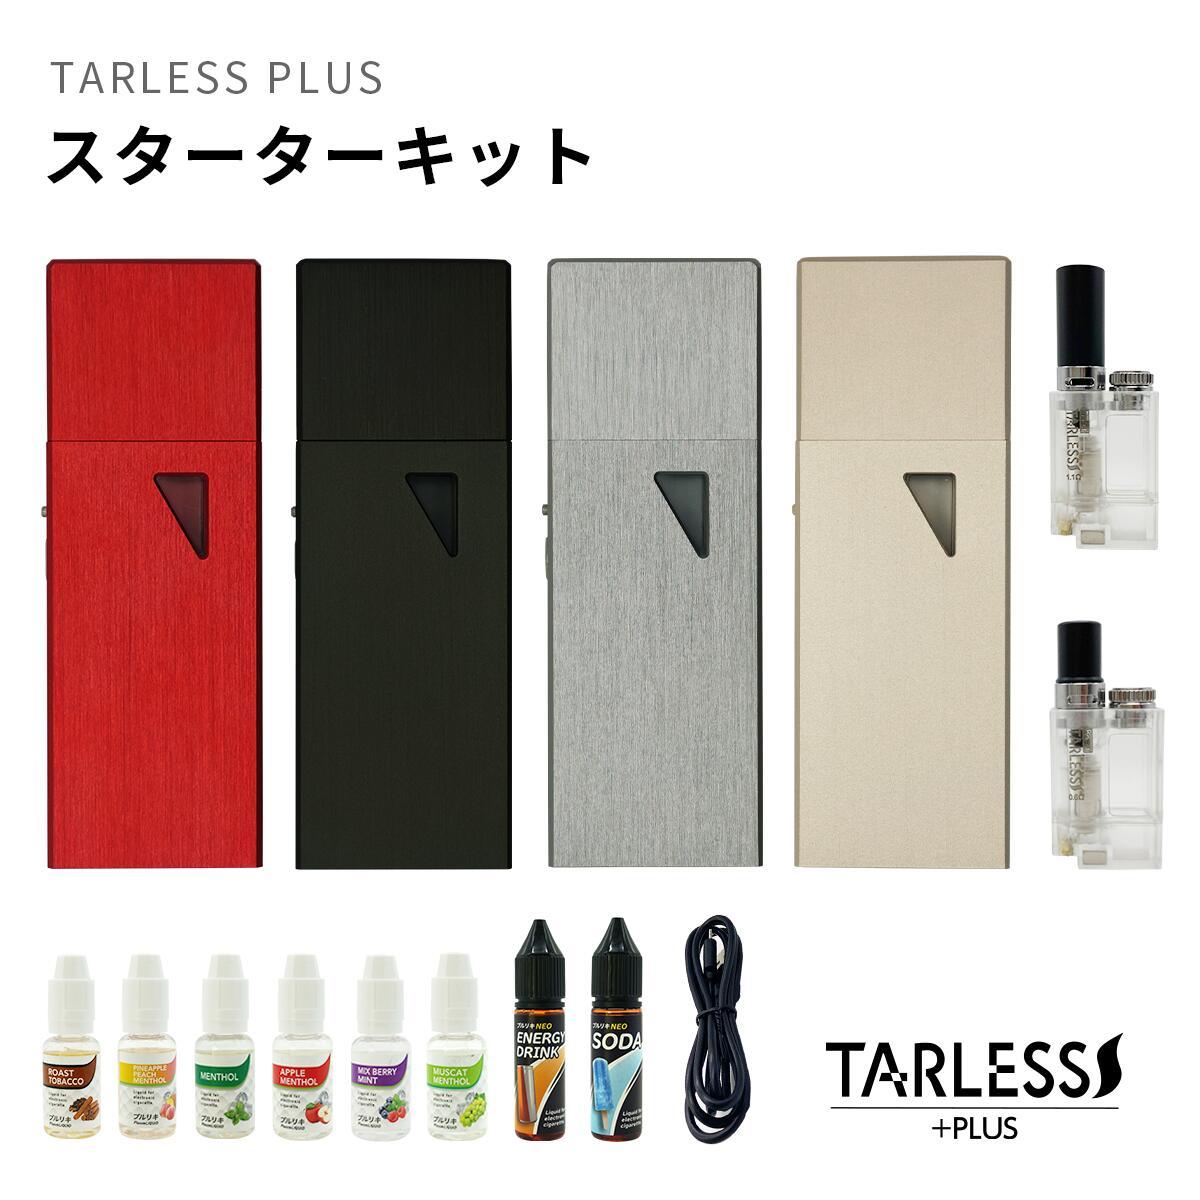 値下げ 送料無料 500円クーポン対象 たばこカプセル対応 TARLESS PLUS ベプログ電子タバコ リキッド2本付き 高額売筋 スターターキット ターレスプラス 各色